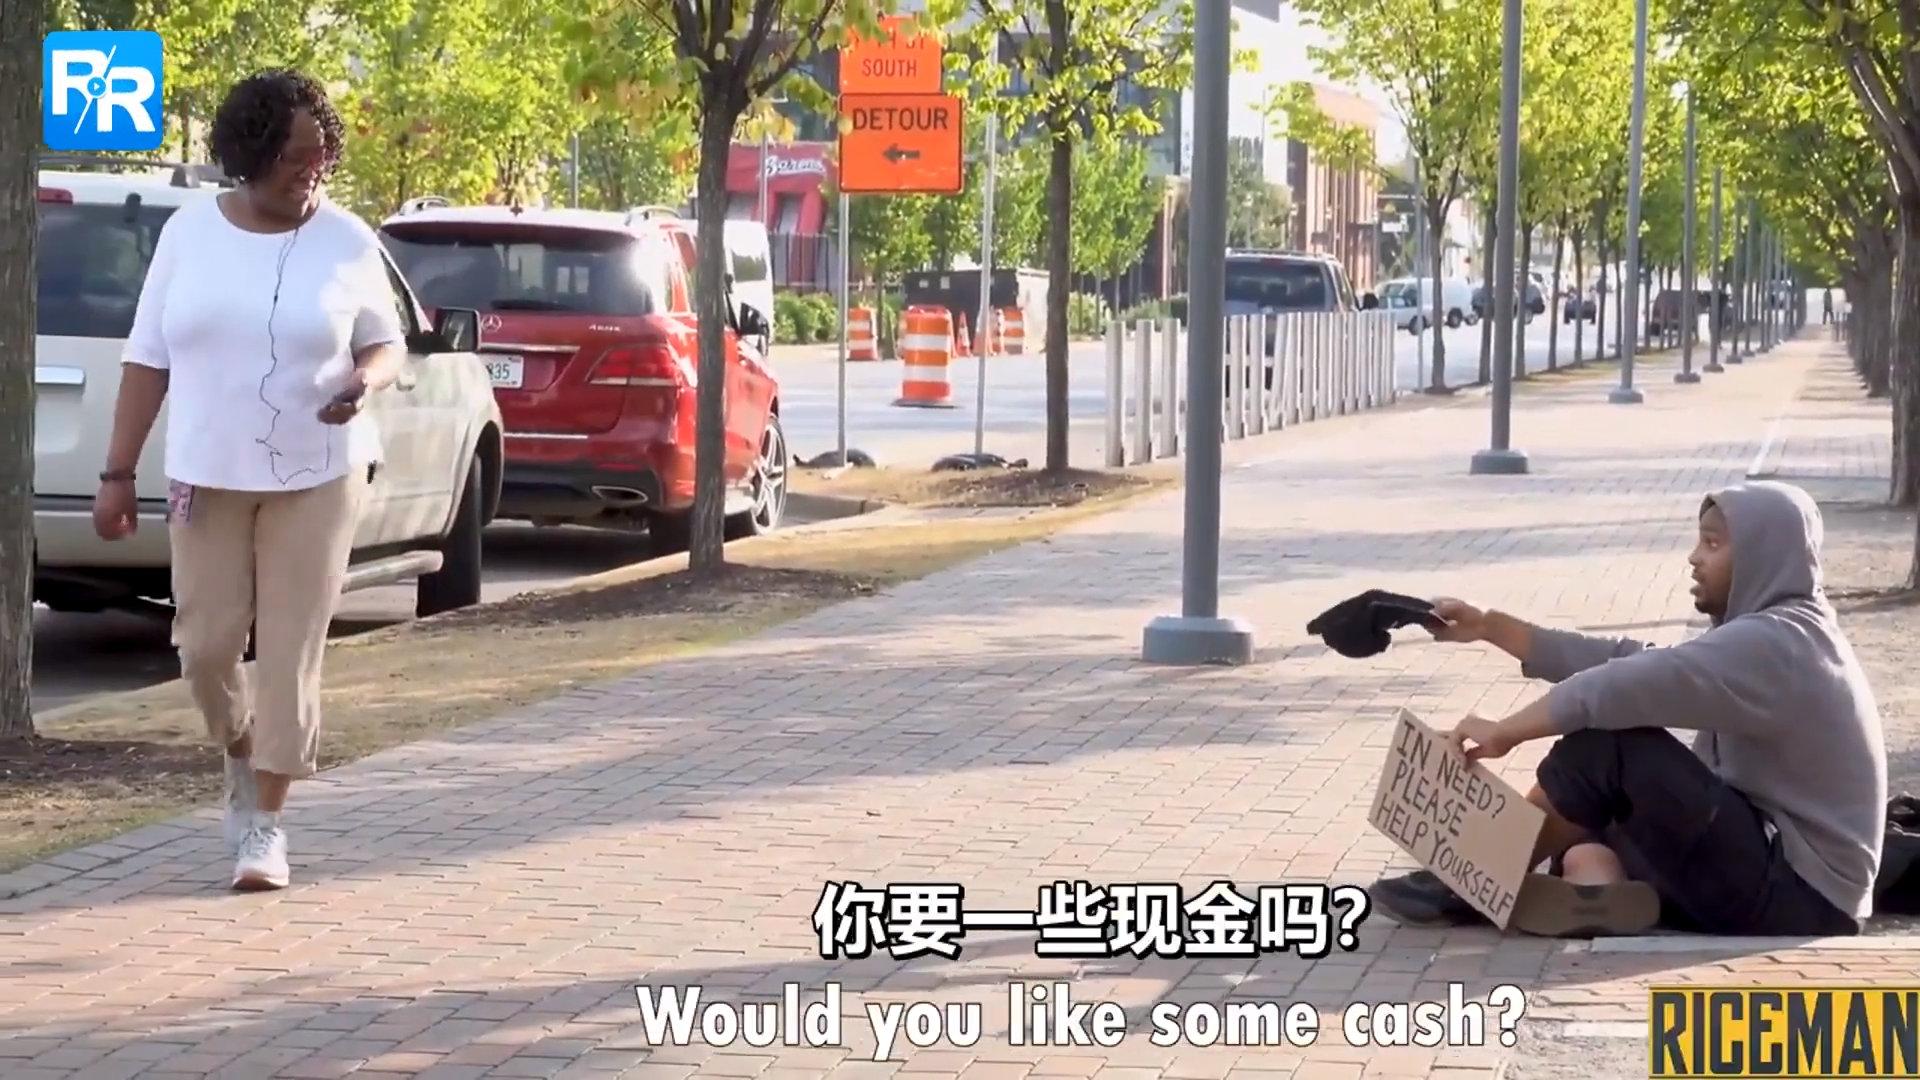 社会实验:在街头遇到流浪给你钱,你会是什么反应